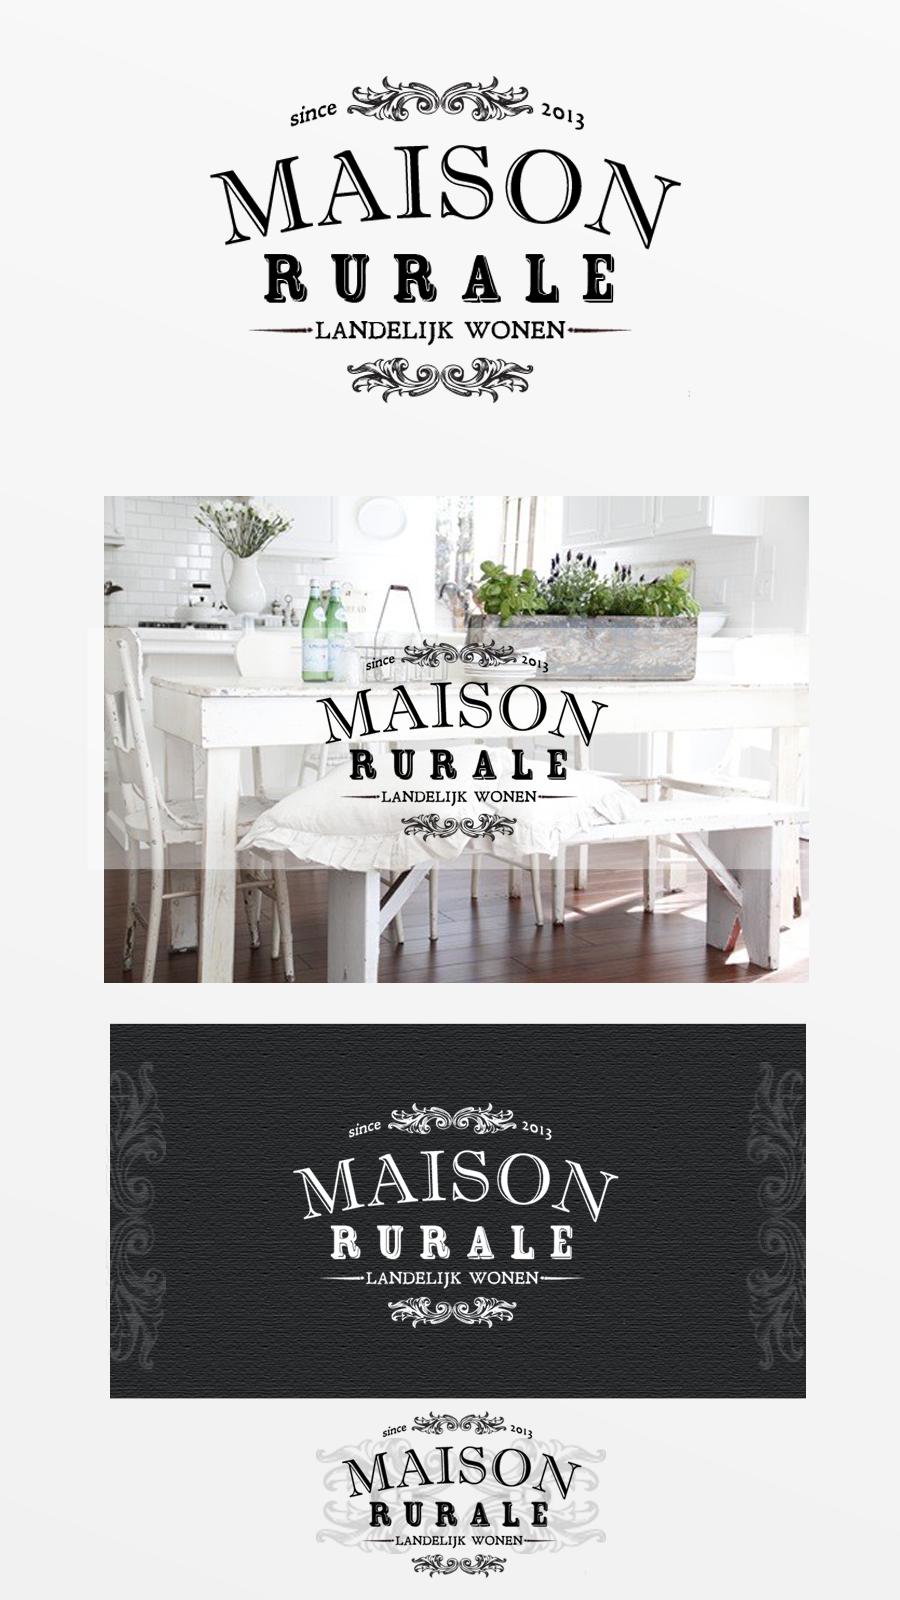 Logo Design for Maison Rurale